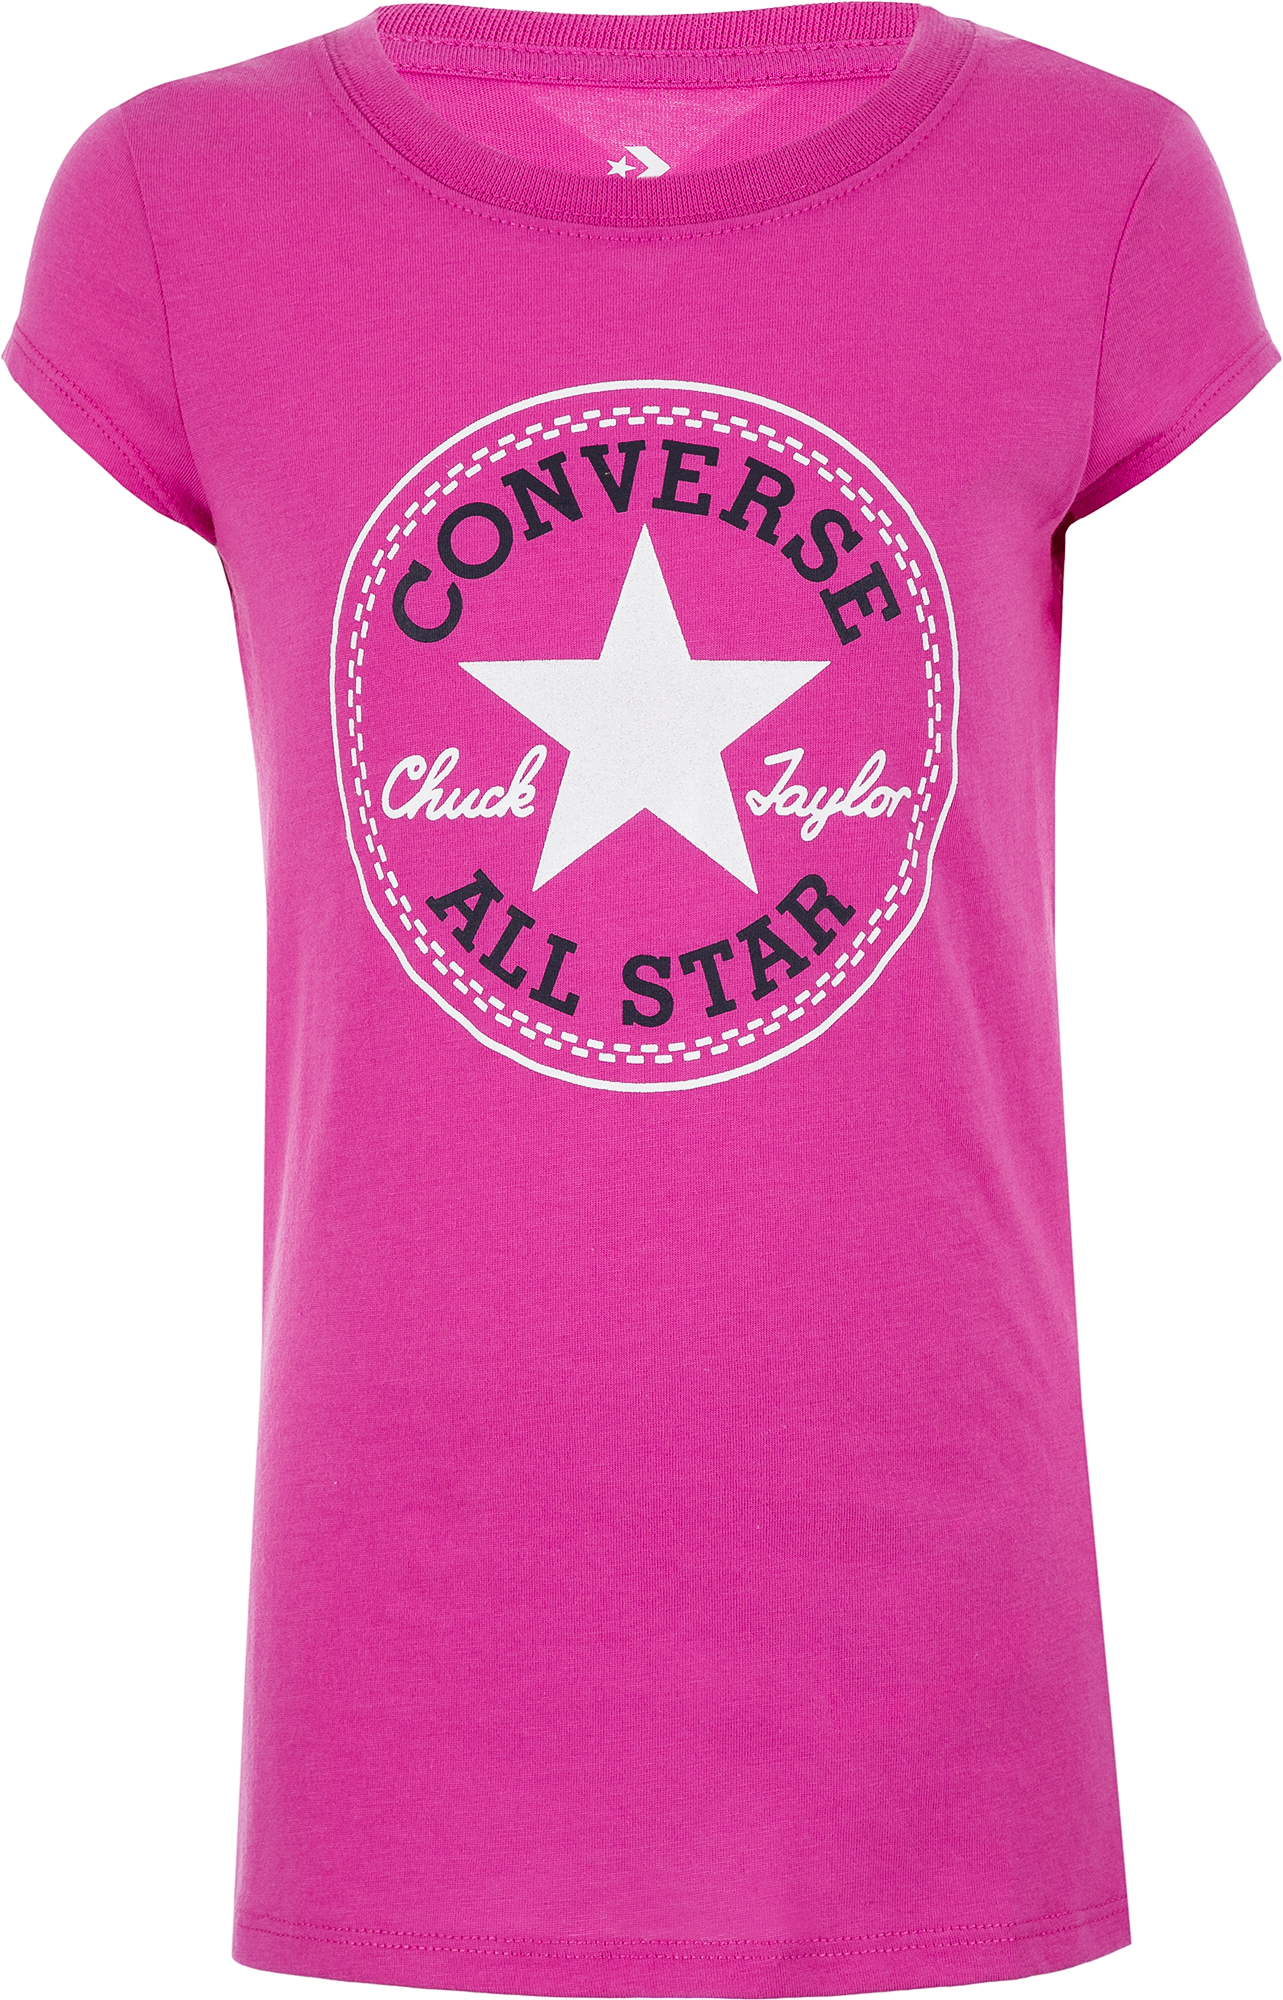 Converse Футболка для девочек Converse Timels Chuck Patch, размер 164